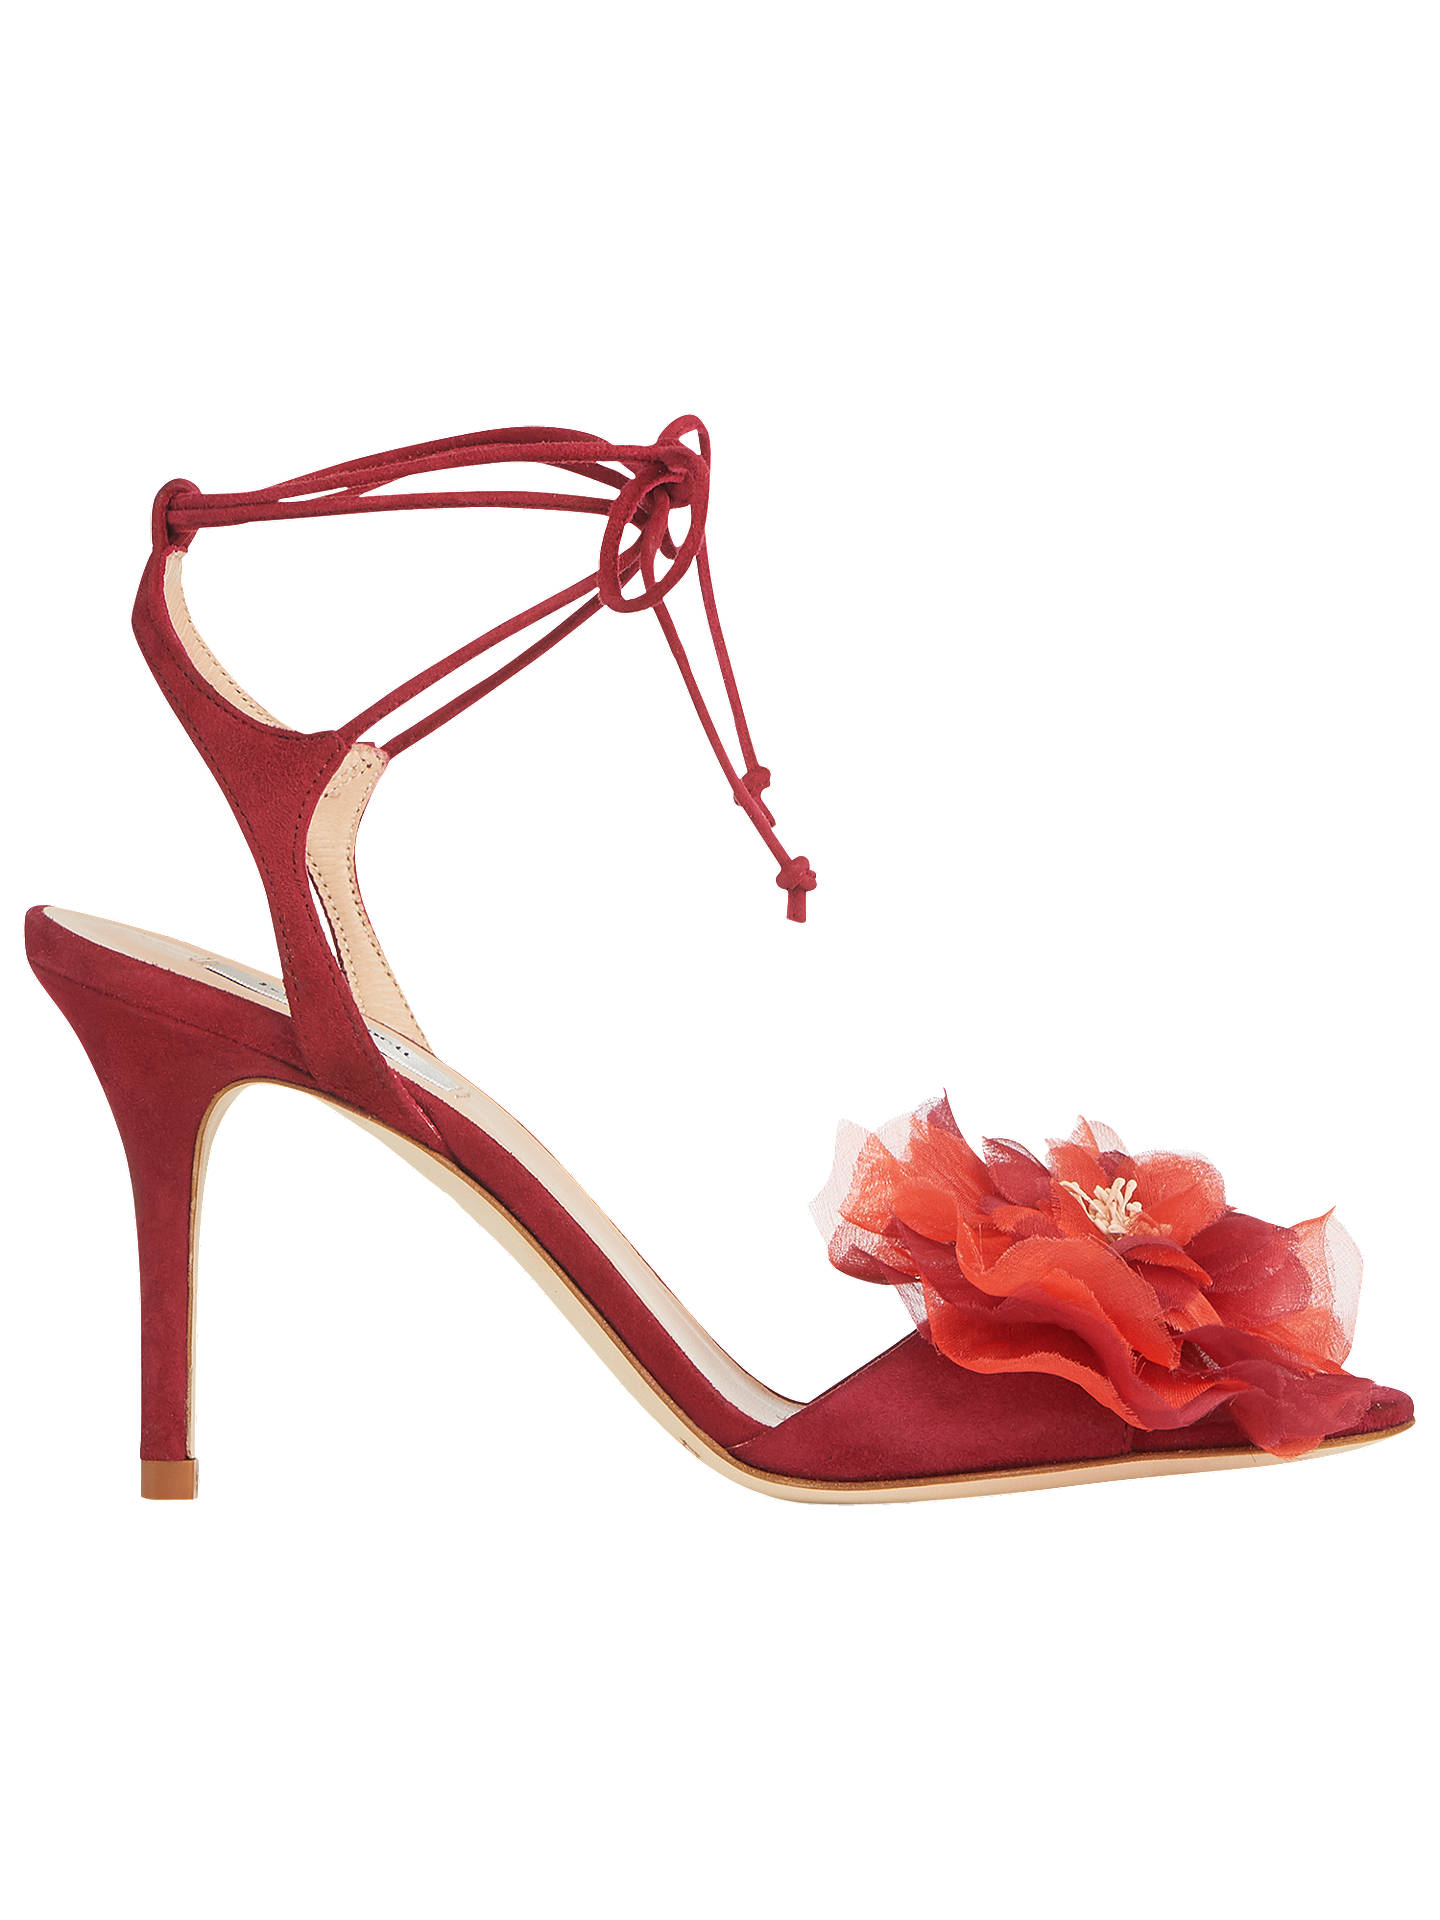 2c594fcf64caaf L.K.Bennett Scarlet Floral Embellished Stiletto Heel Sandals at John ...